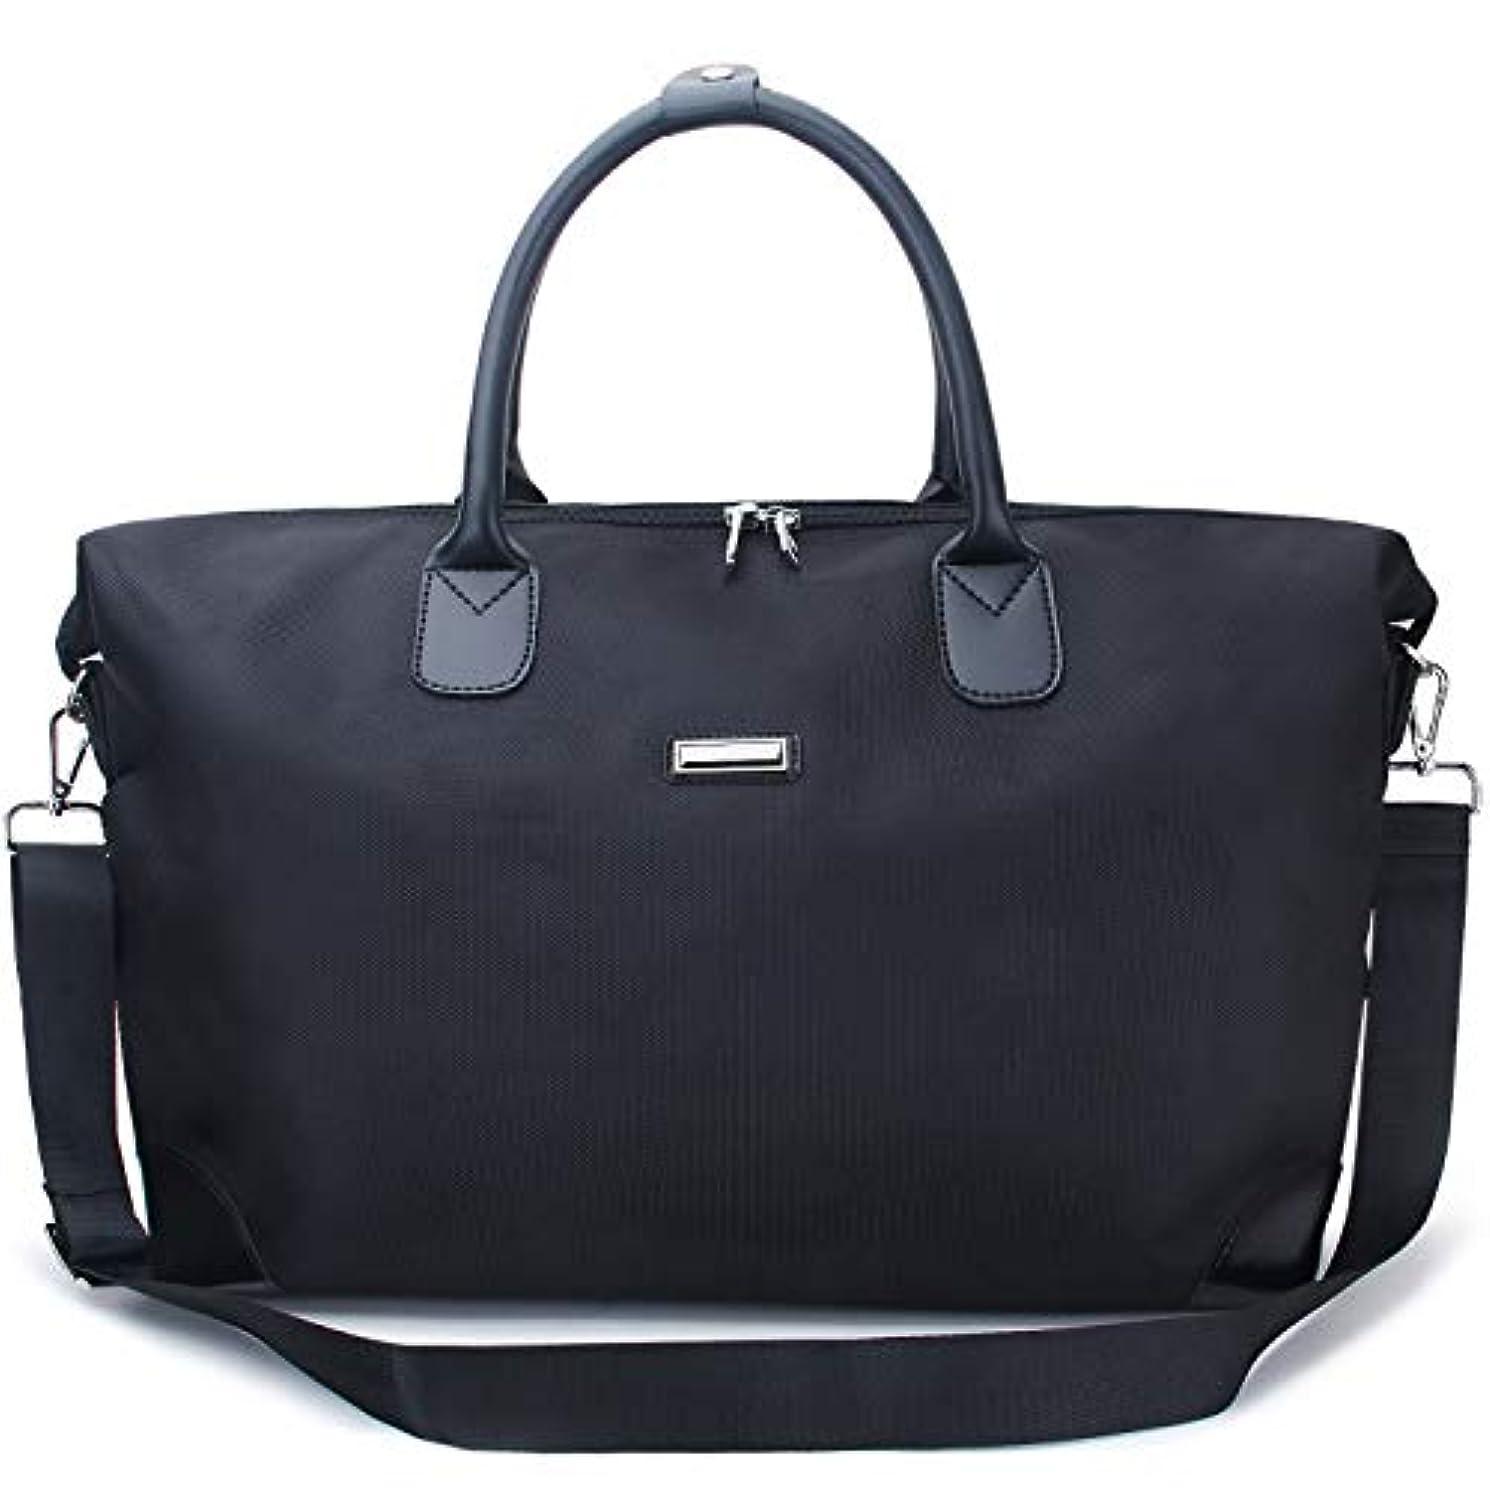 代表する第二に深さ[TcIFE]ボストンバッグ レディース メンズ スポーツダッフルバッグ ガーメントバッグ 大容量 修学 旅行トラベルバッグ シューズ収納バッグ